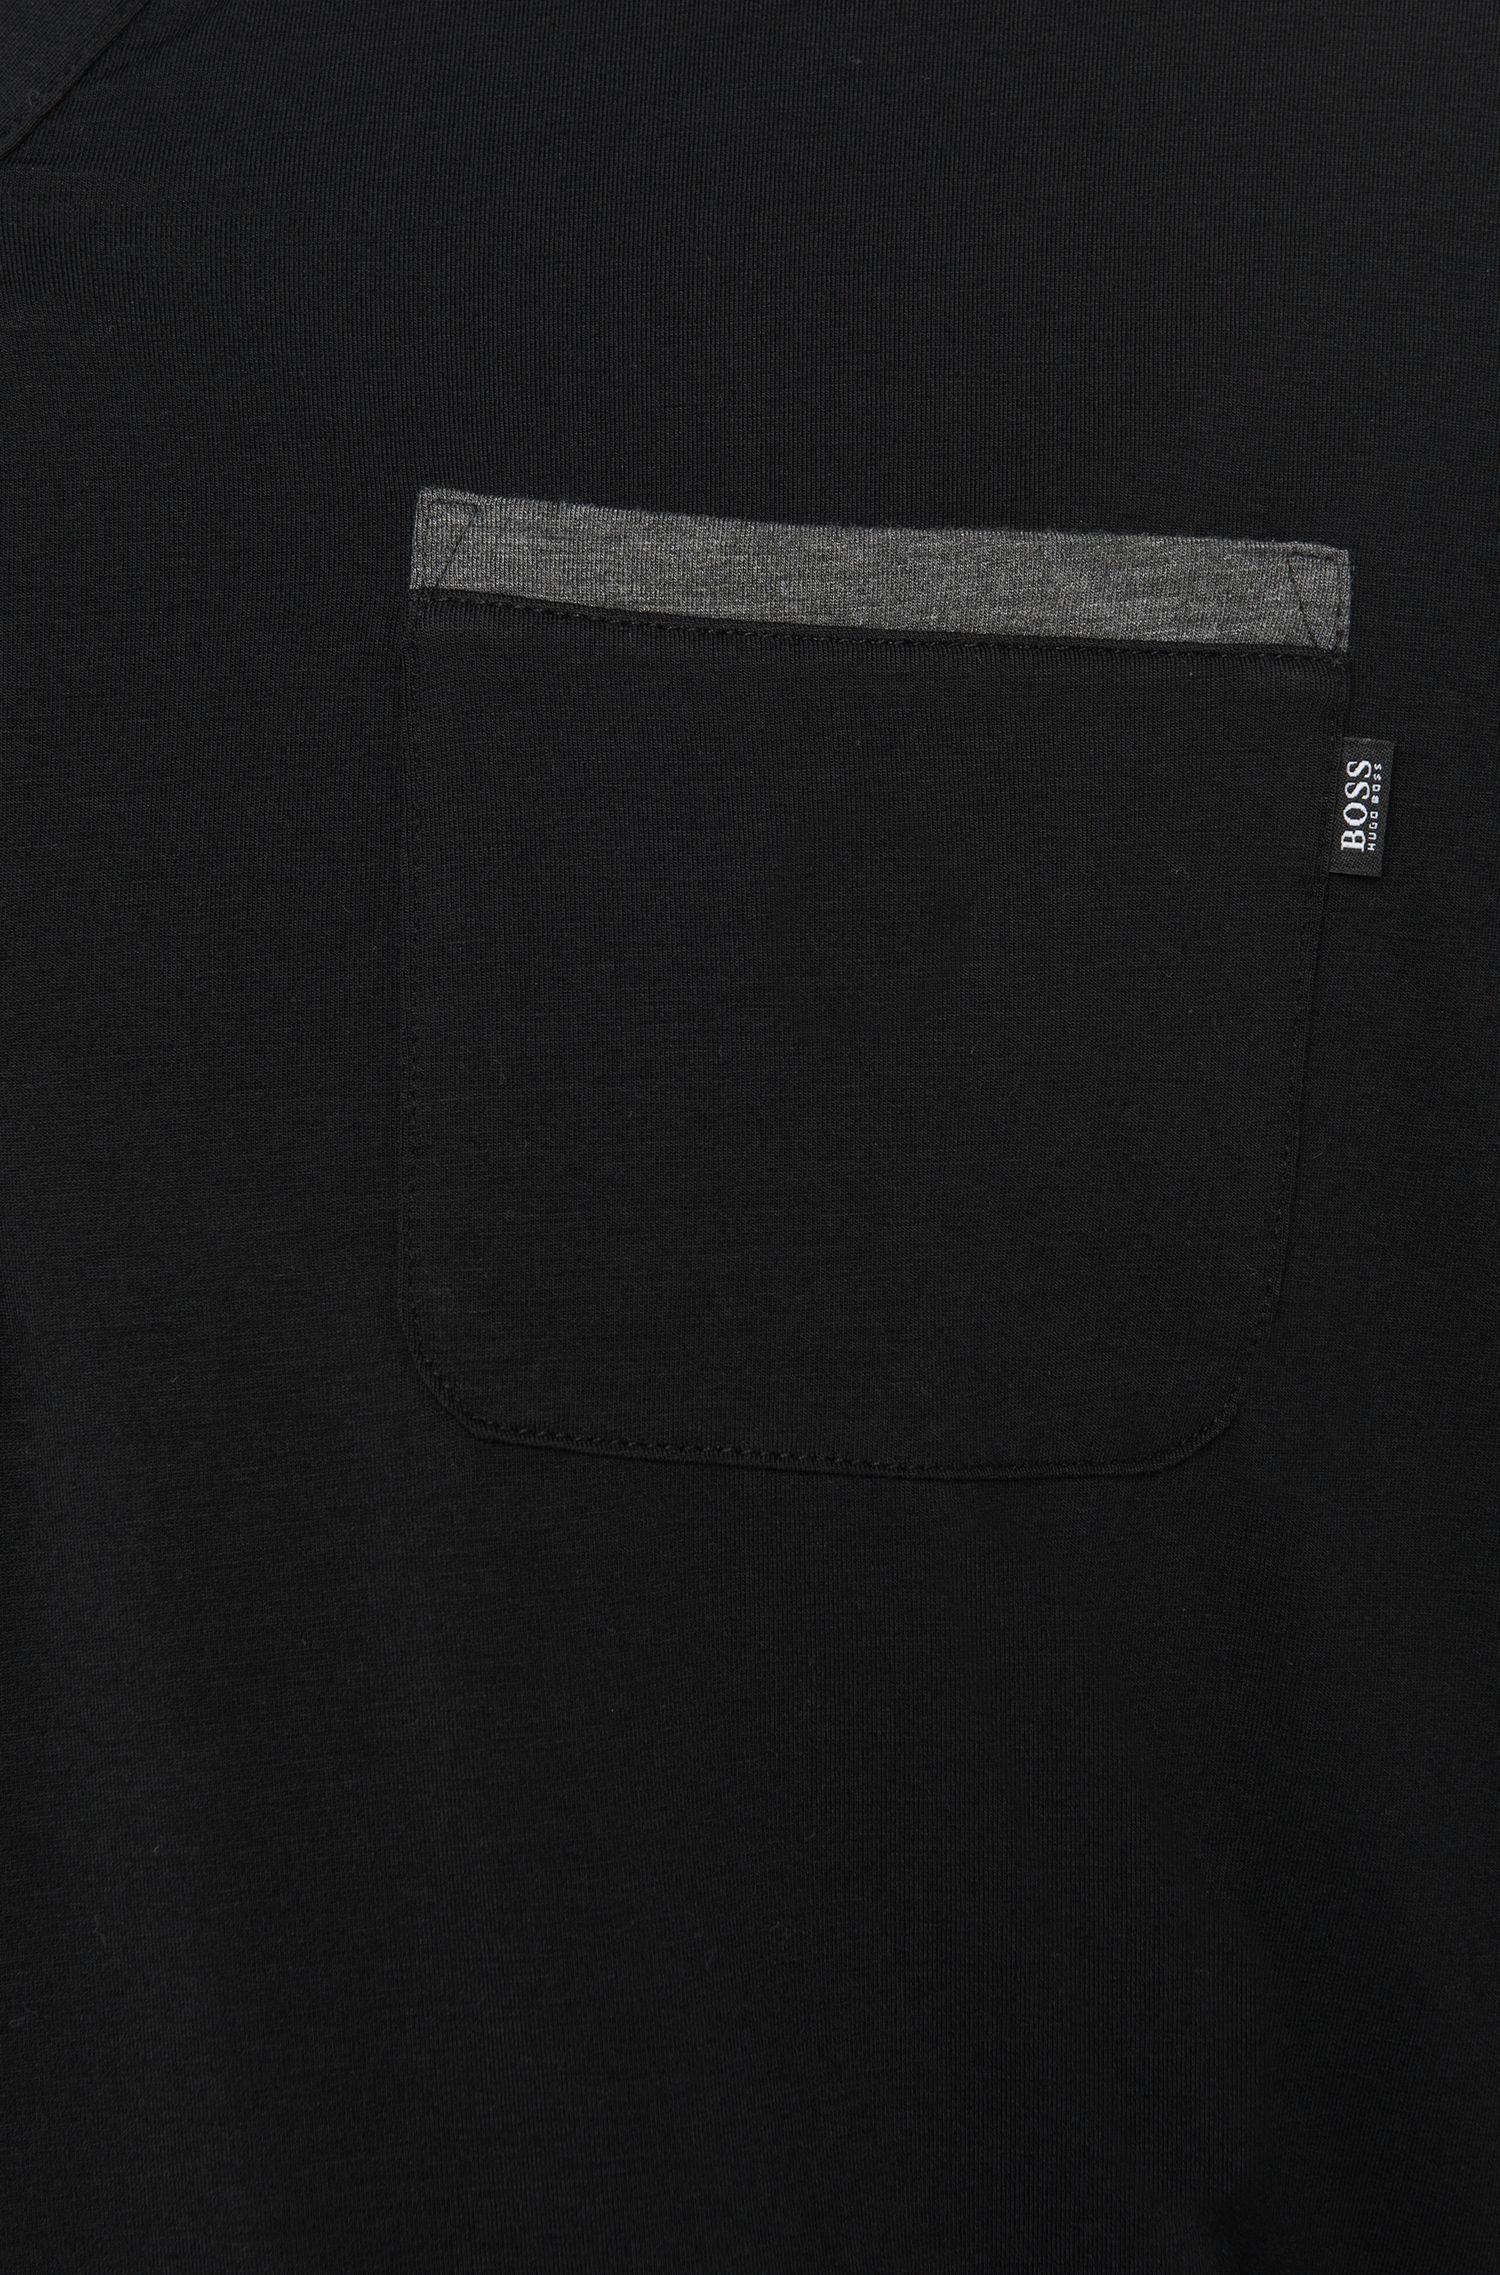 Pyjama-Shirt aus Baumwoll-Mix mit kontrastfarbenen Paspeln: 'LS-Shirt BP'